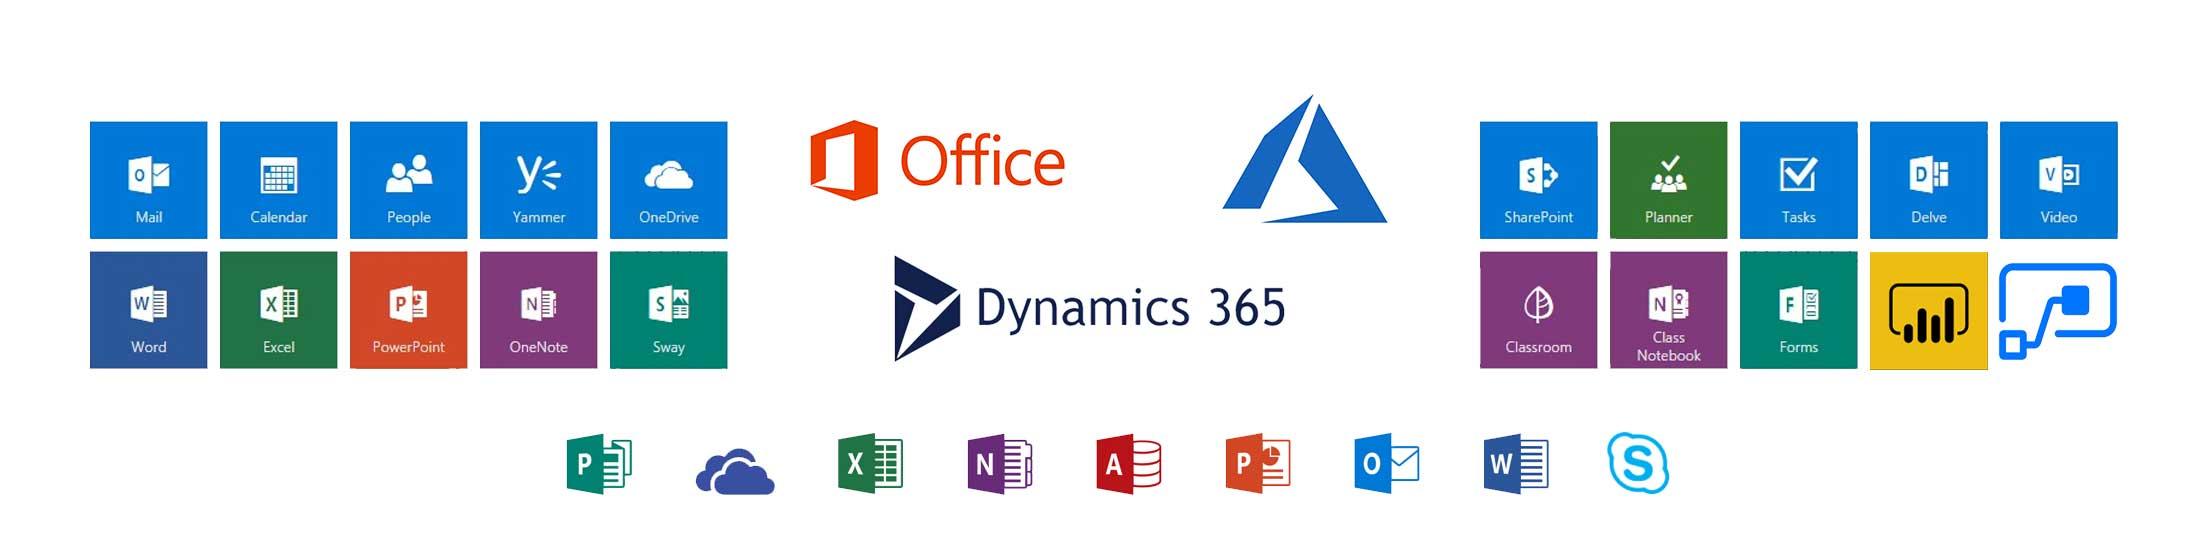 Produse Office 365